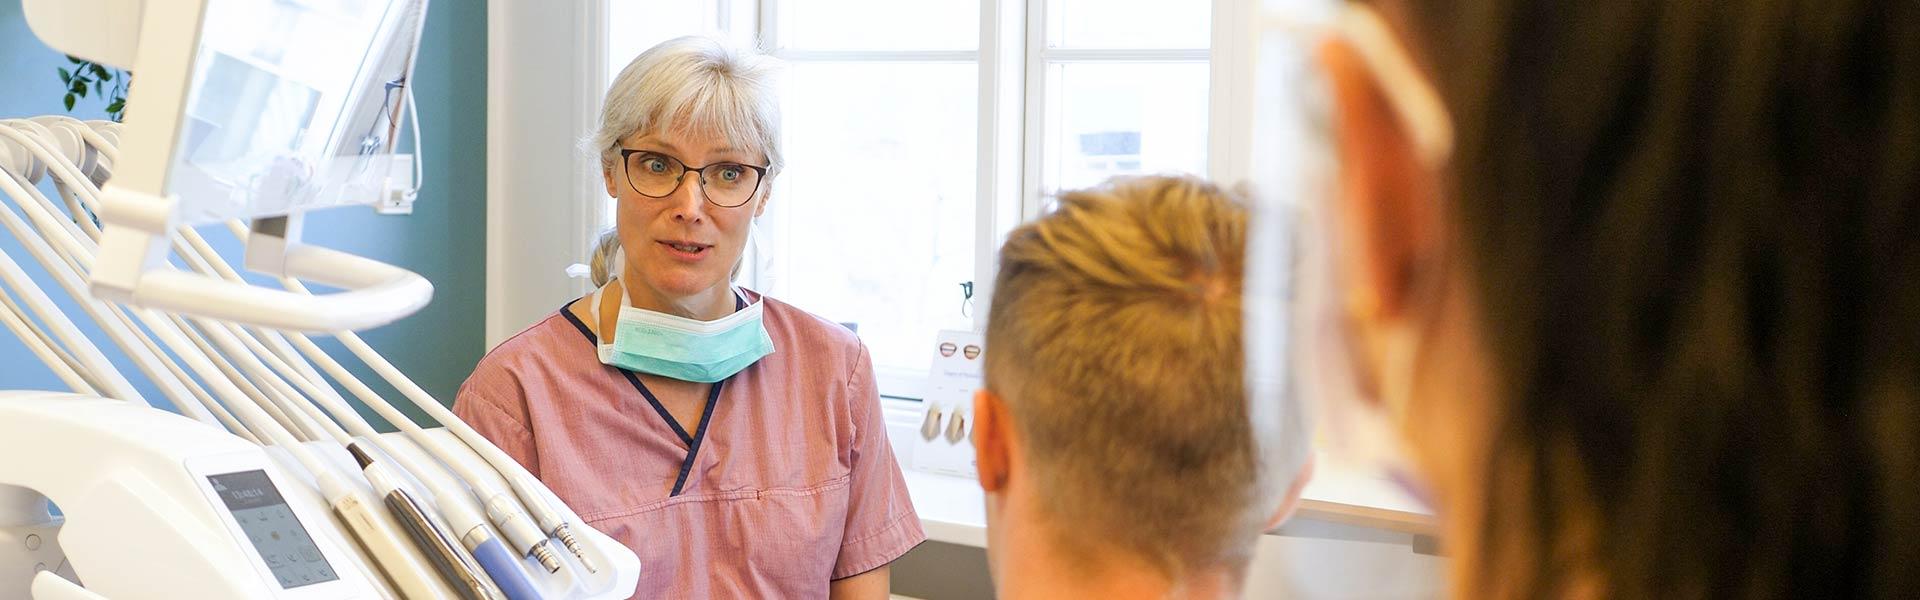 Tandlæge Pernille Diederichsen